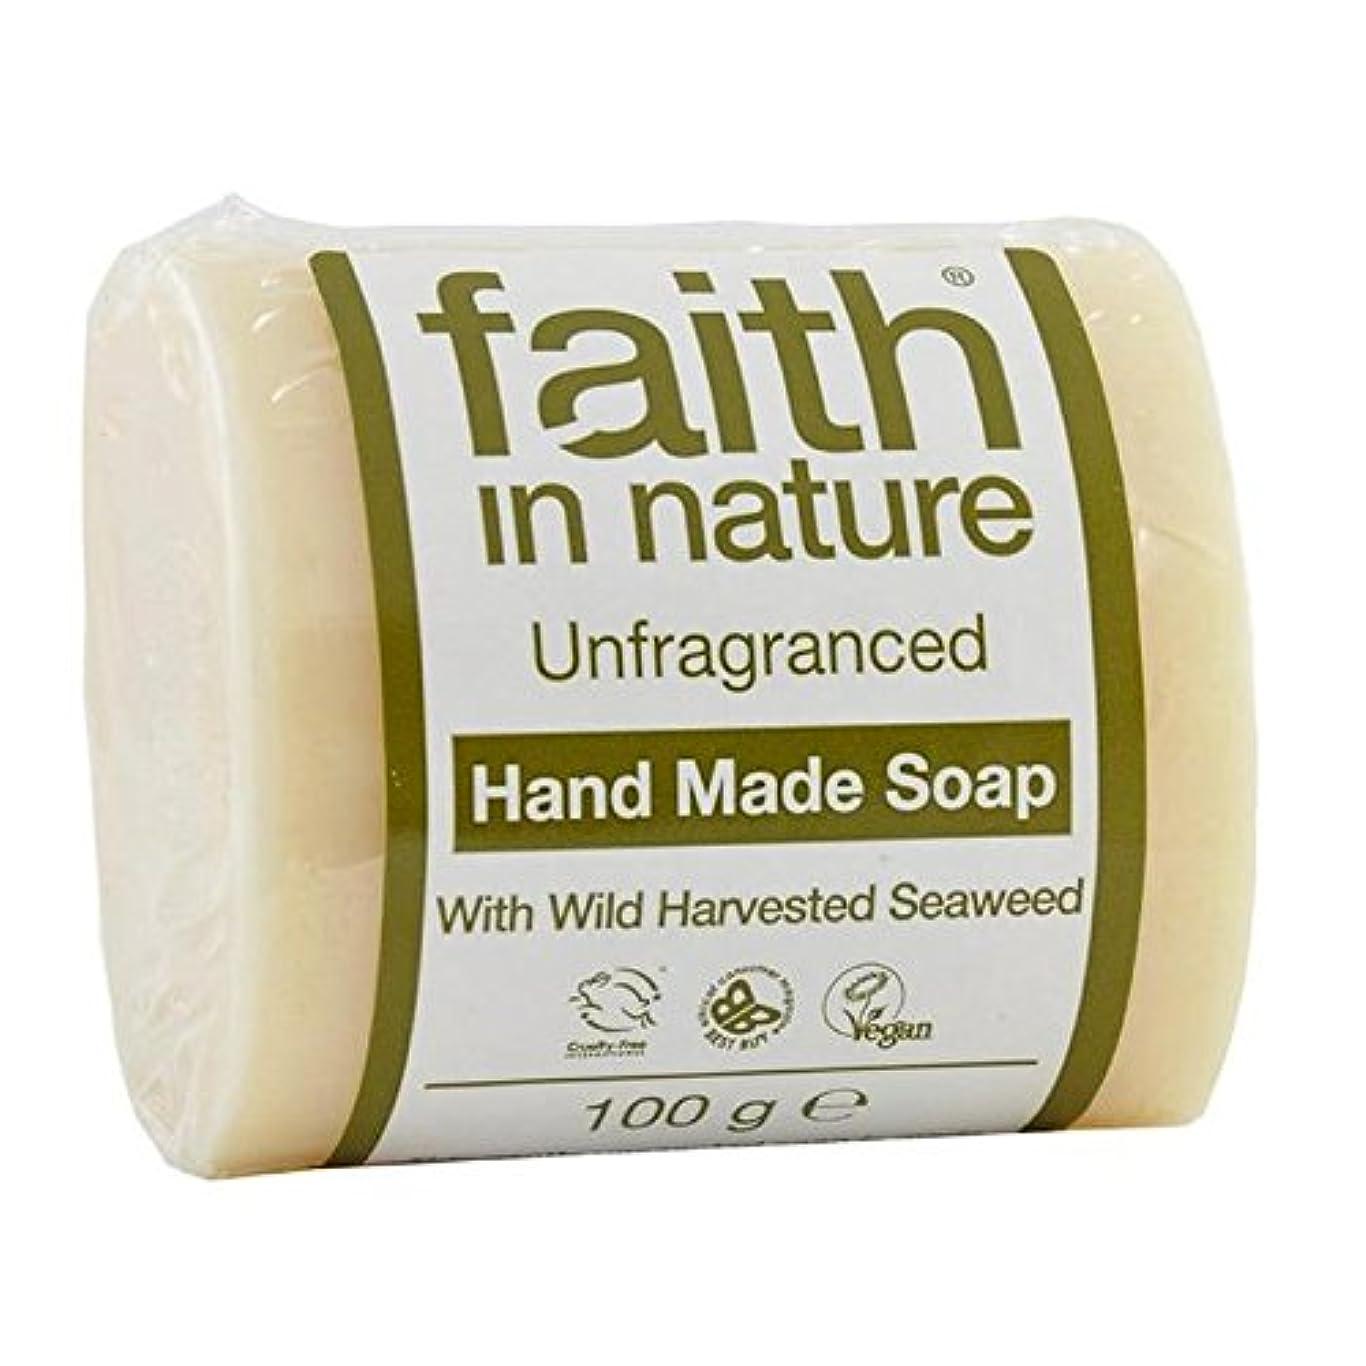 更新する税金最大Faith in Nature Unfragranced Pure Hand Made Soap 100g (Pack of 2) - (Faith In Nature) 自然の中で信仰は純粋な手作り石鹸100グラムを無香料 (x2) [並行輸入品]